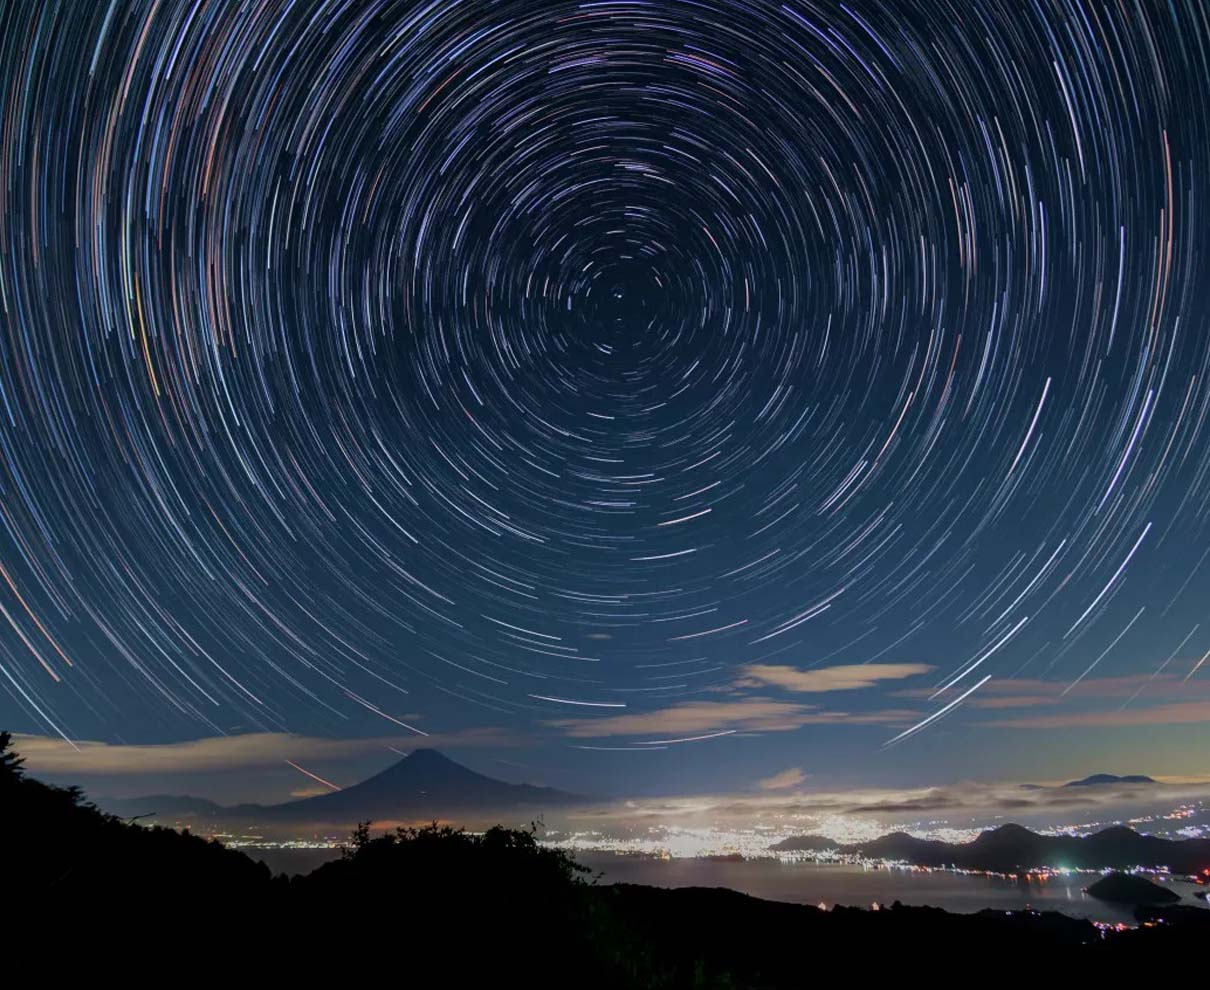 ゆるキャン聖地で星空撮影。駿河湾越しの富士山と北天ぐるぐる